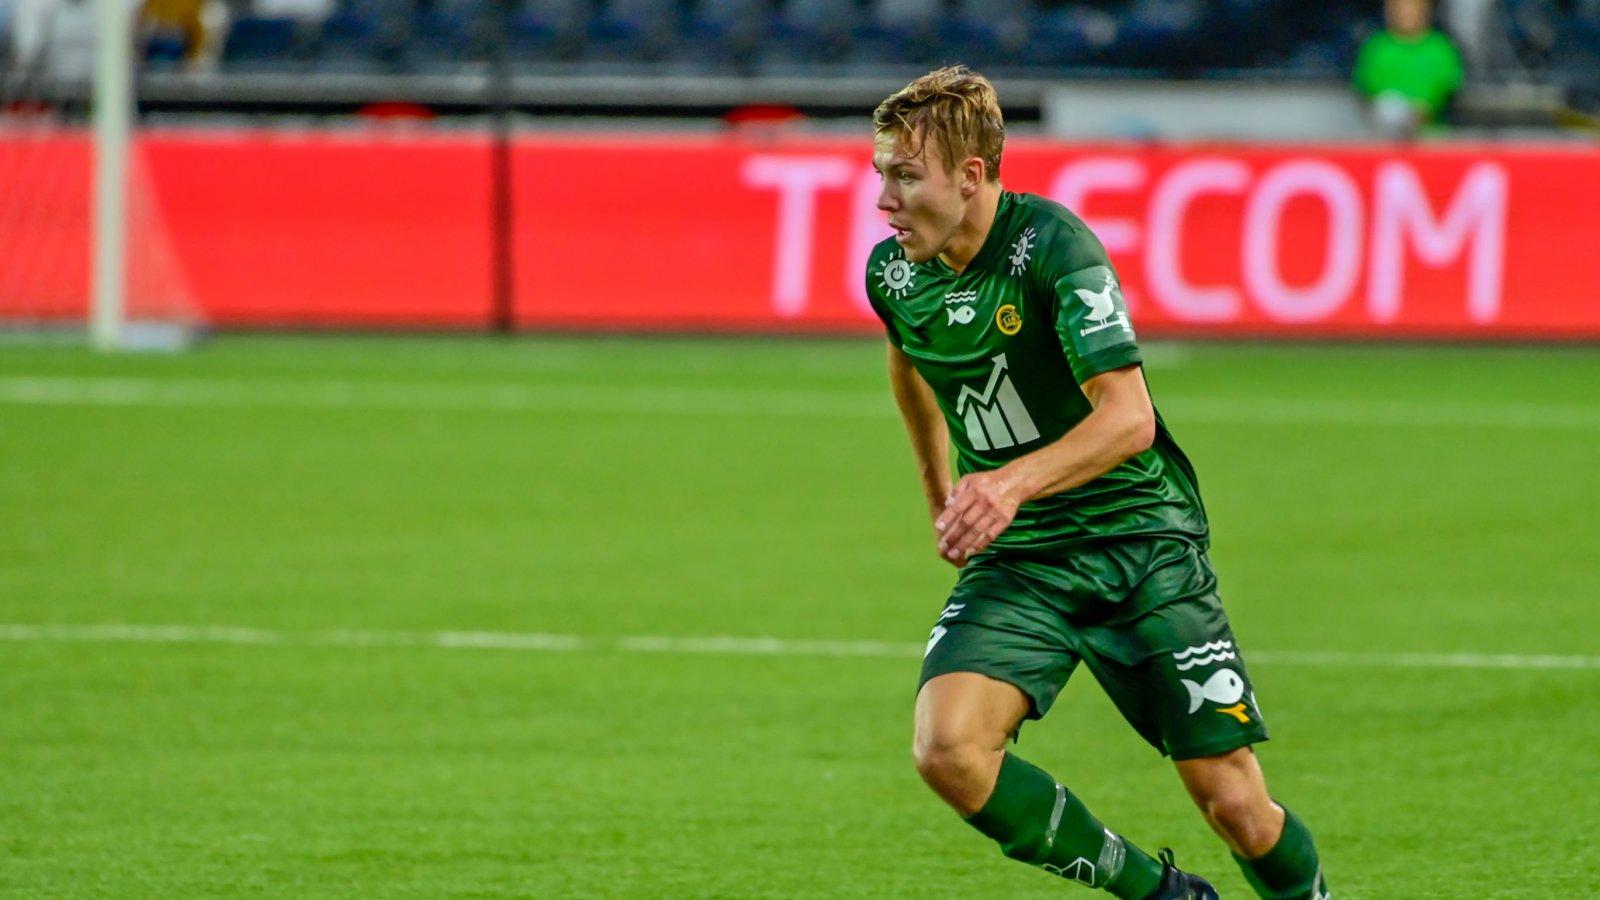 Fredrik André Bjørkan i den grønne bærekraftsdrakten i bortekampen mot Odd i 2019. Action Now.